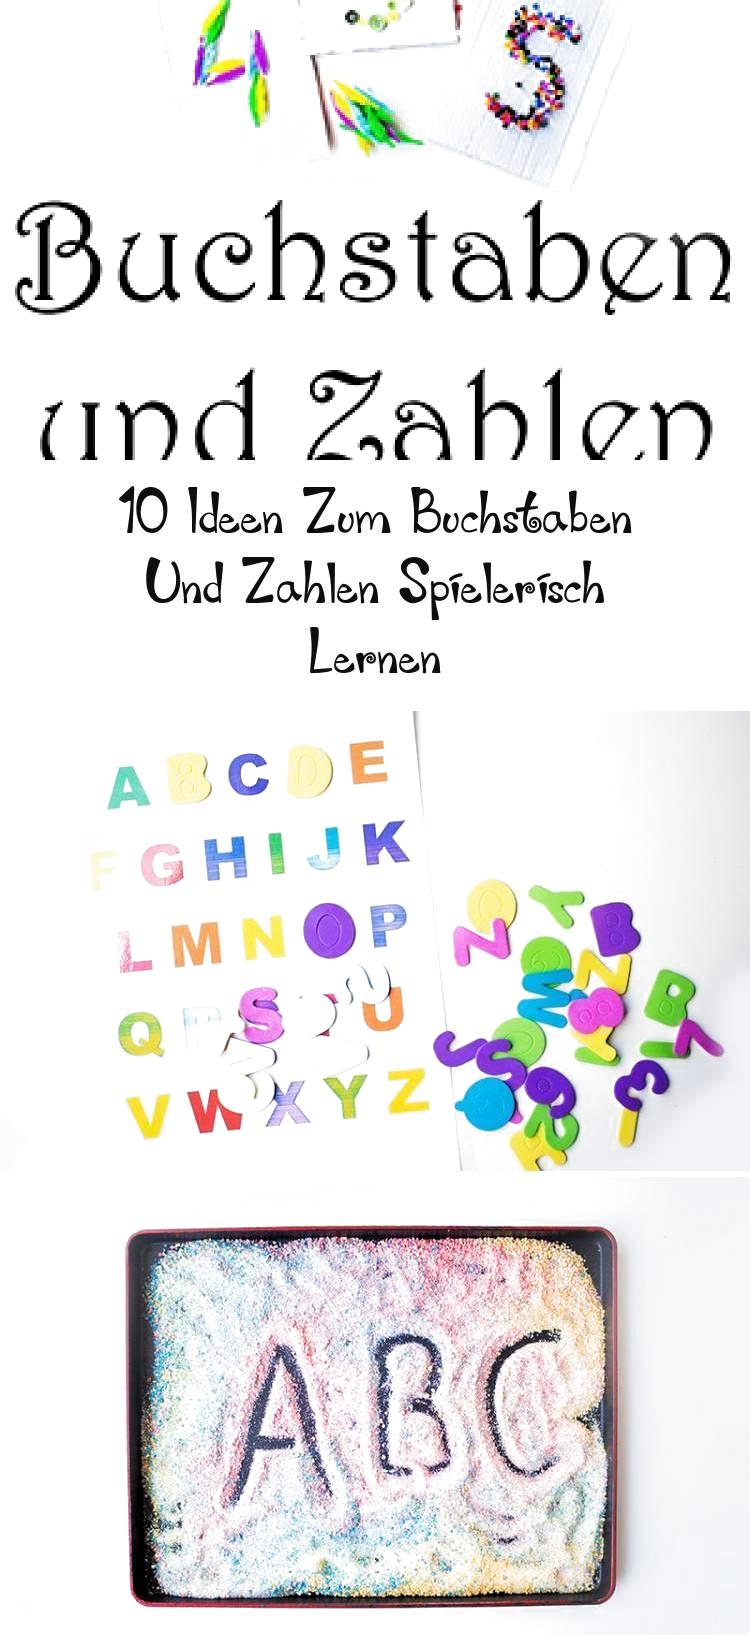 Zahlen lernen mit Kindern: Zahlenspiel aus Eierkarton basteln. Lernspiel für Ki...  #aus #Basteln #Eierkarton #für #Kindern #lernen #Lernspiel #mit #Zahlen #Zahlenspiel